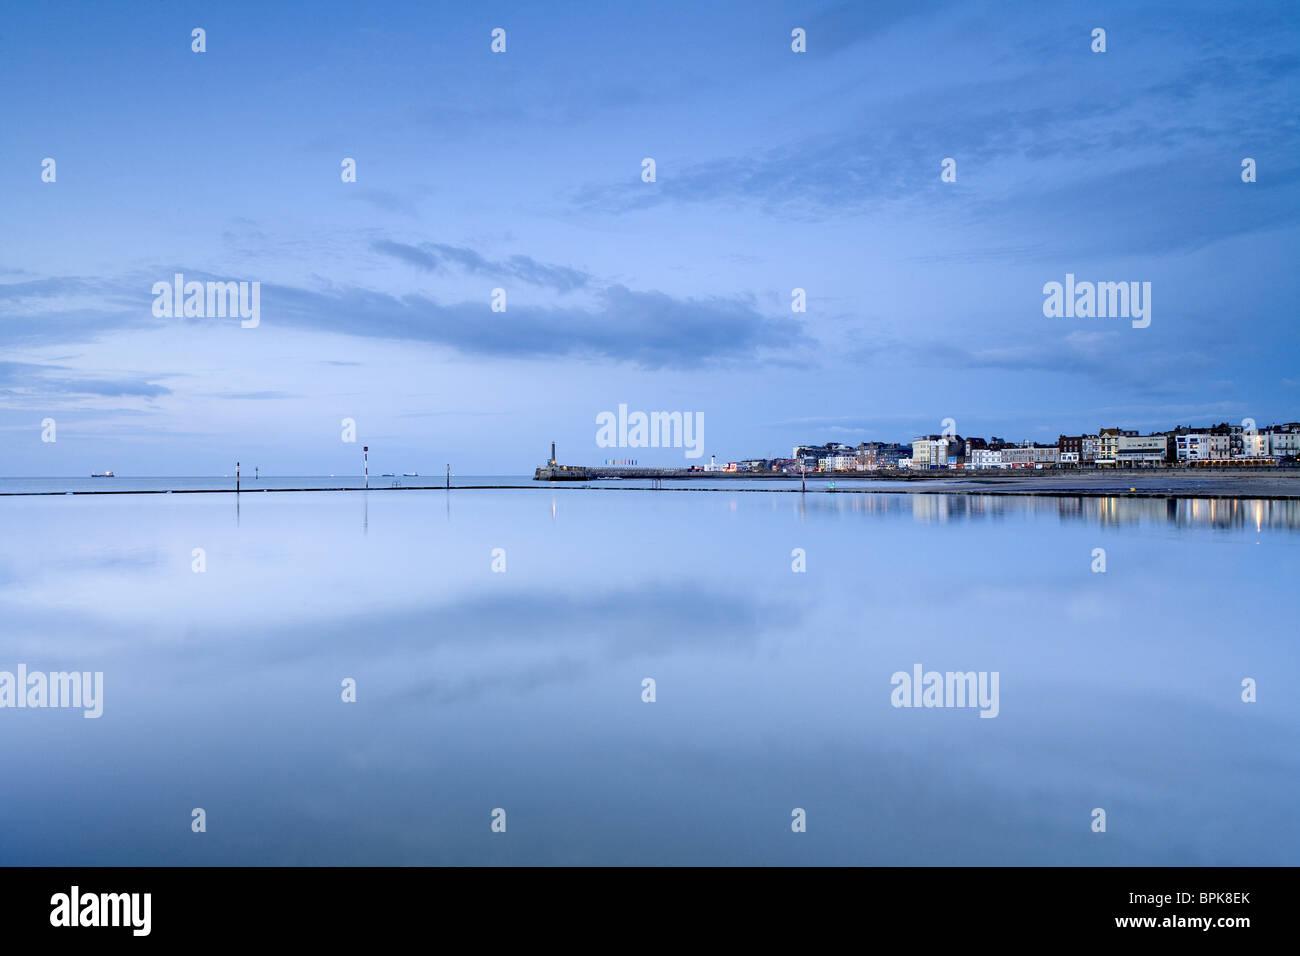 Ville balnéaire de Margate, Kent, Angleterre, Grande-Bretagne, Europe Banque D'Images